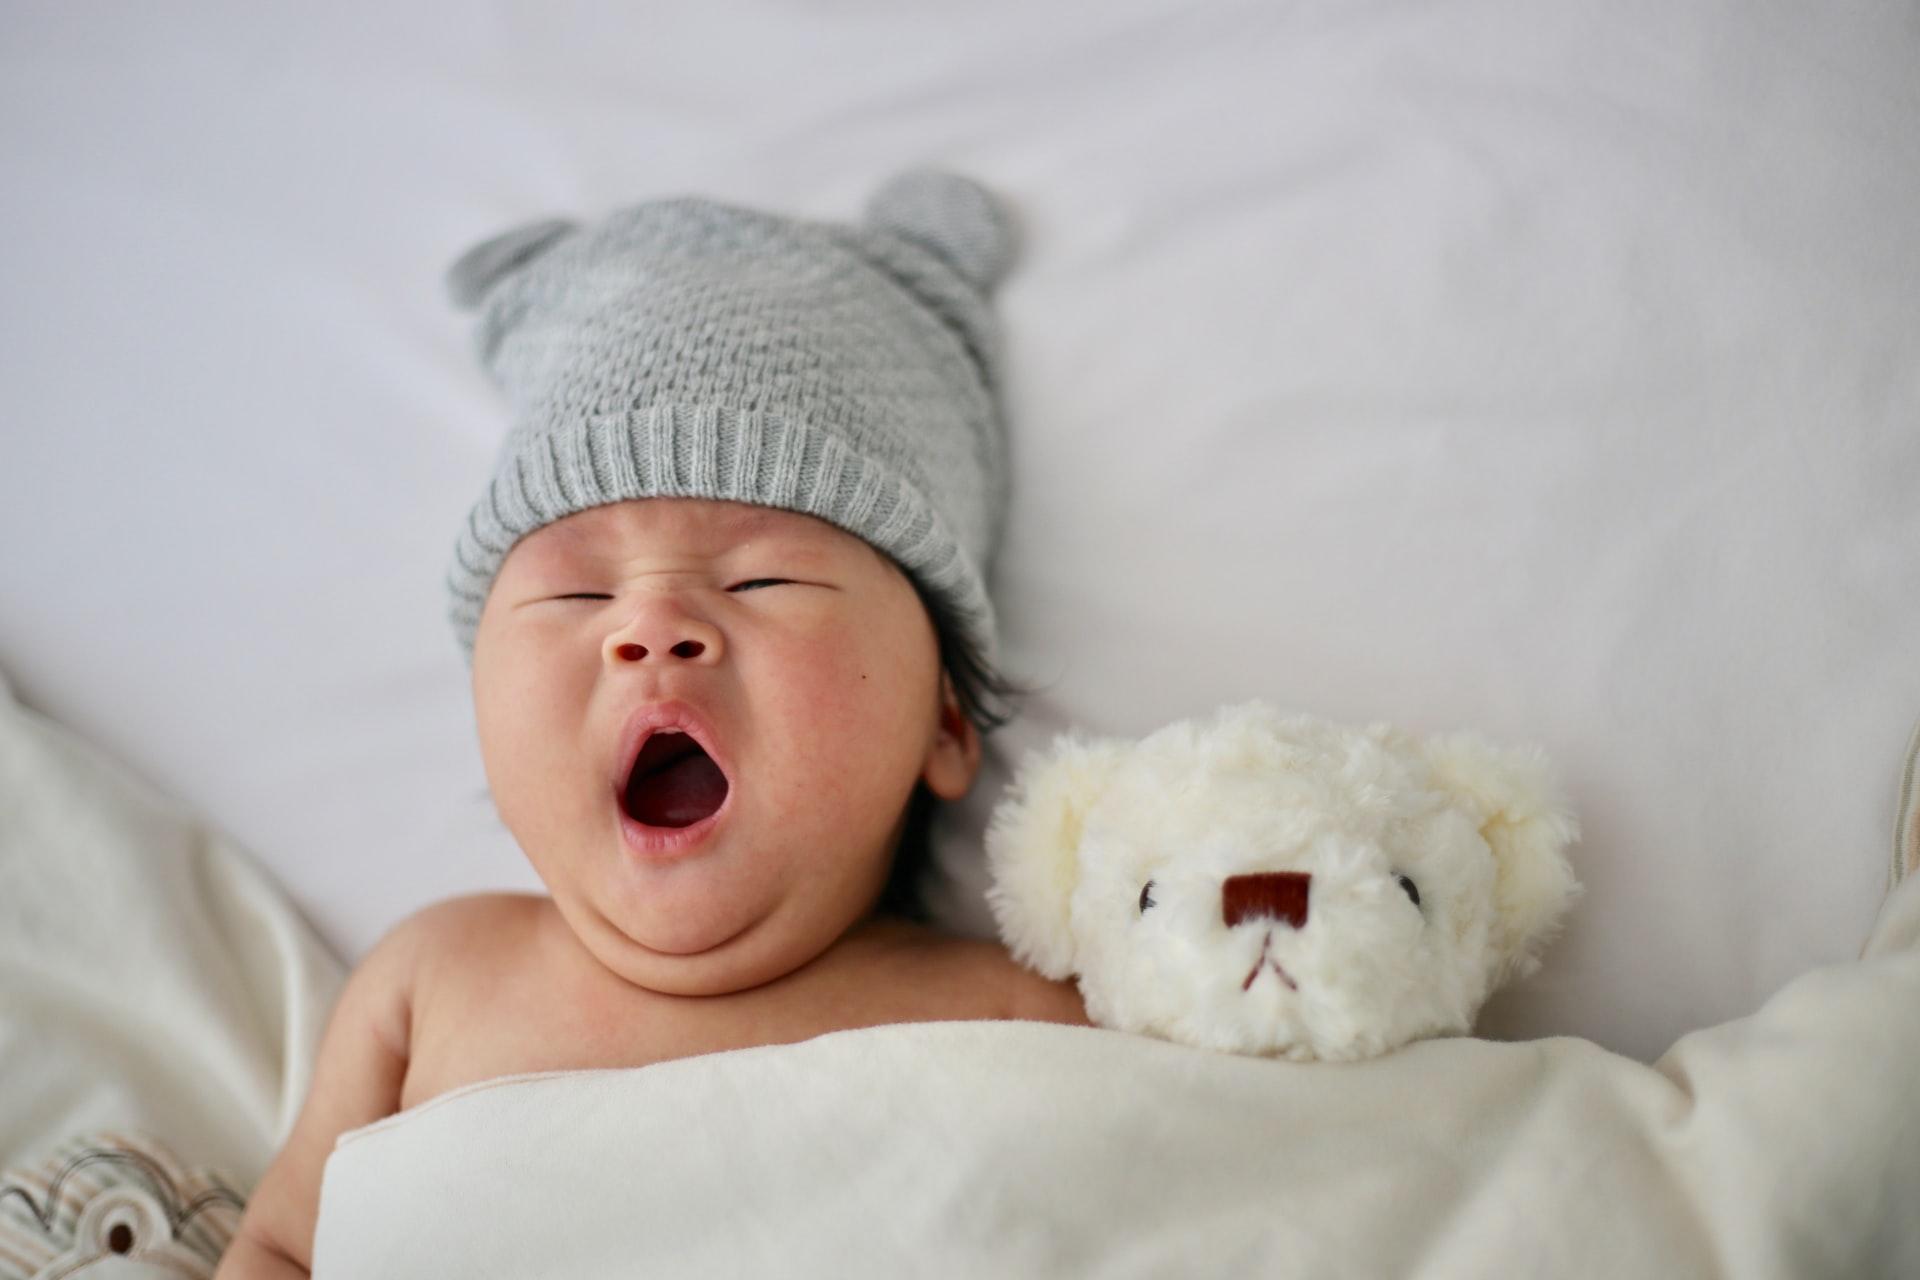 bebés-duermen-mamá-21-de-mayo-2020